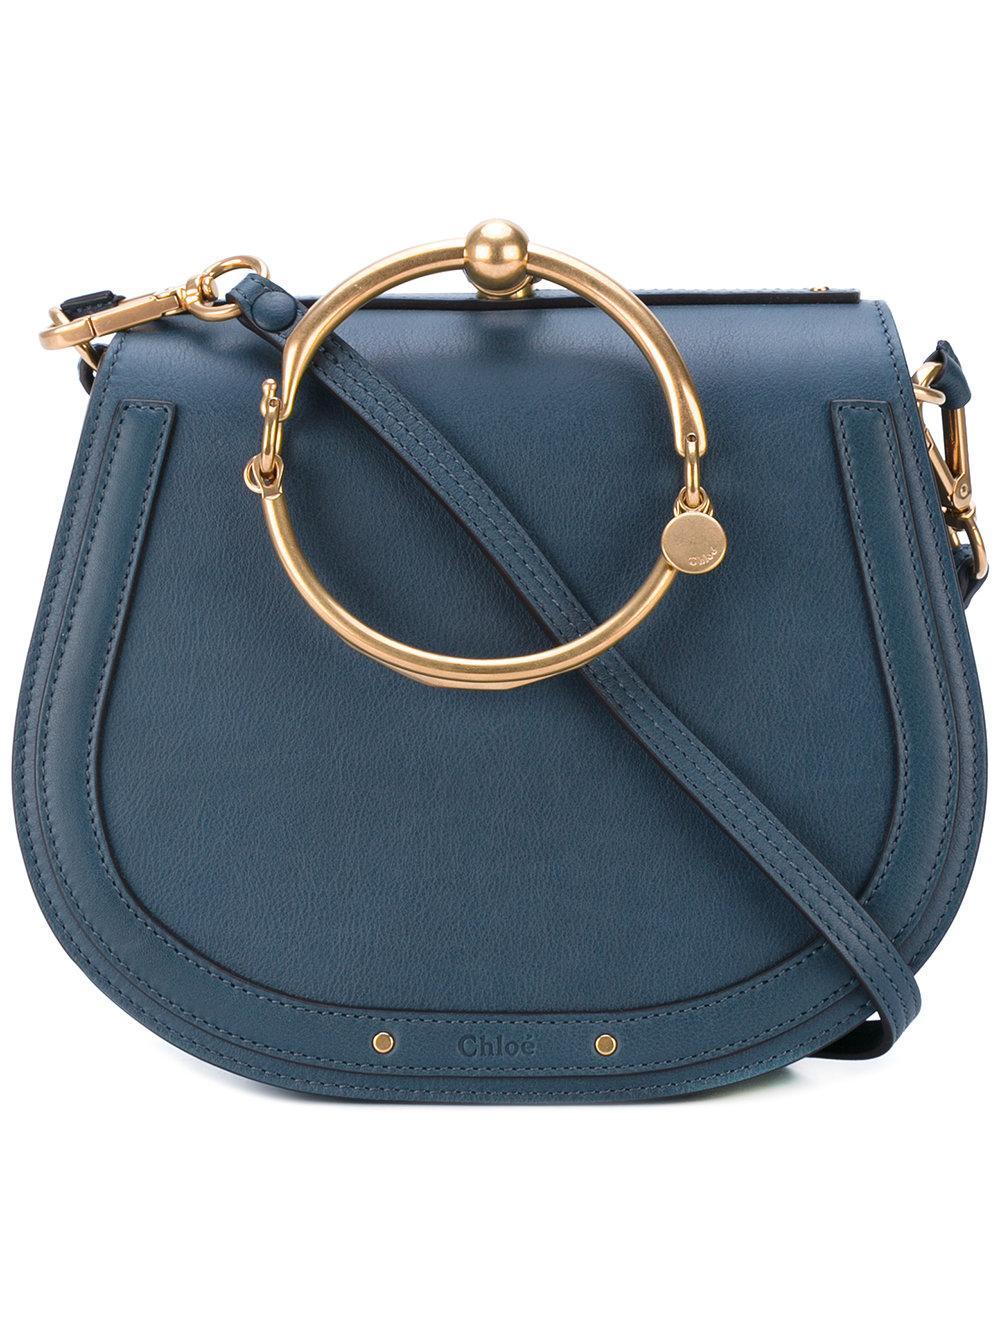 Chlo 233 Nile Bracelet Shoulder Bag In Blue Lyst